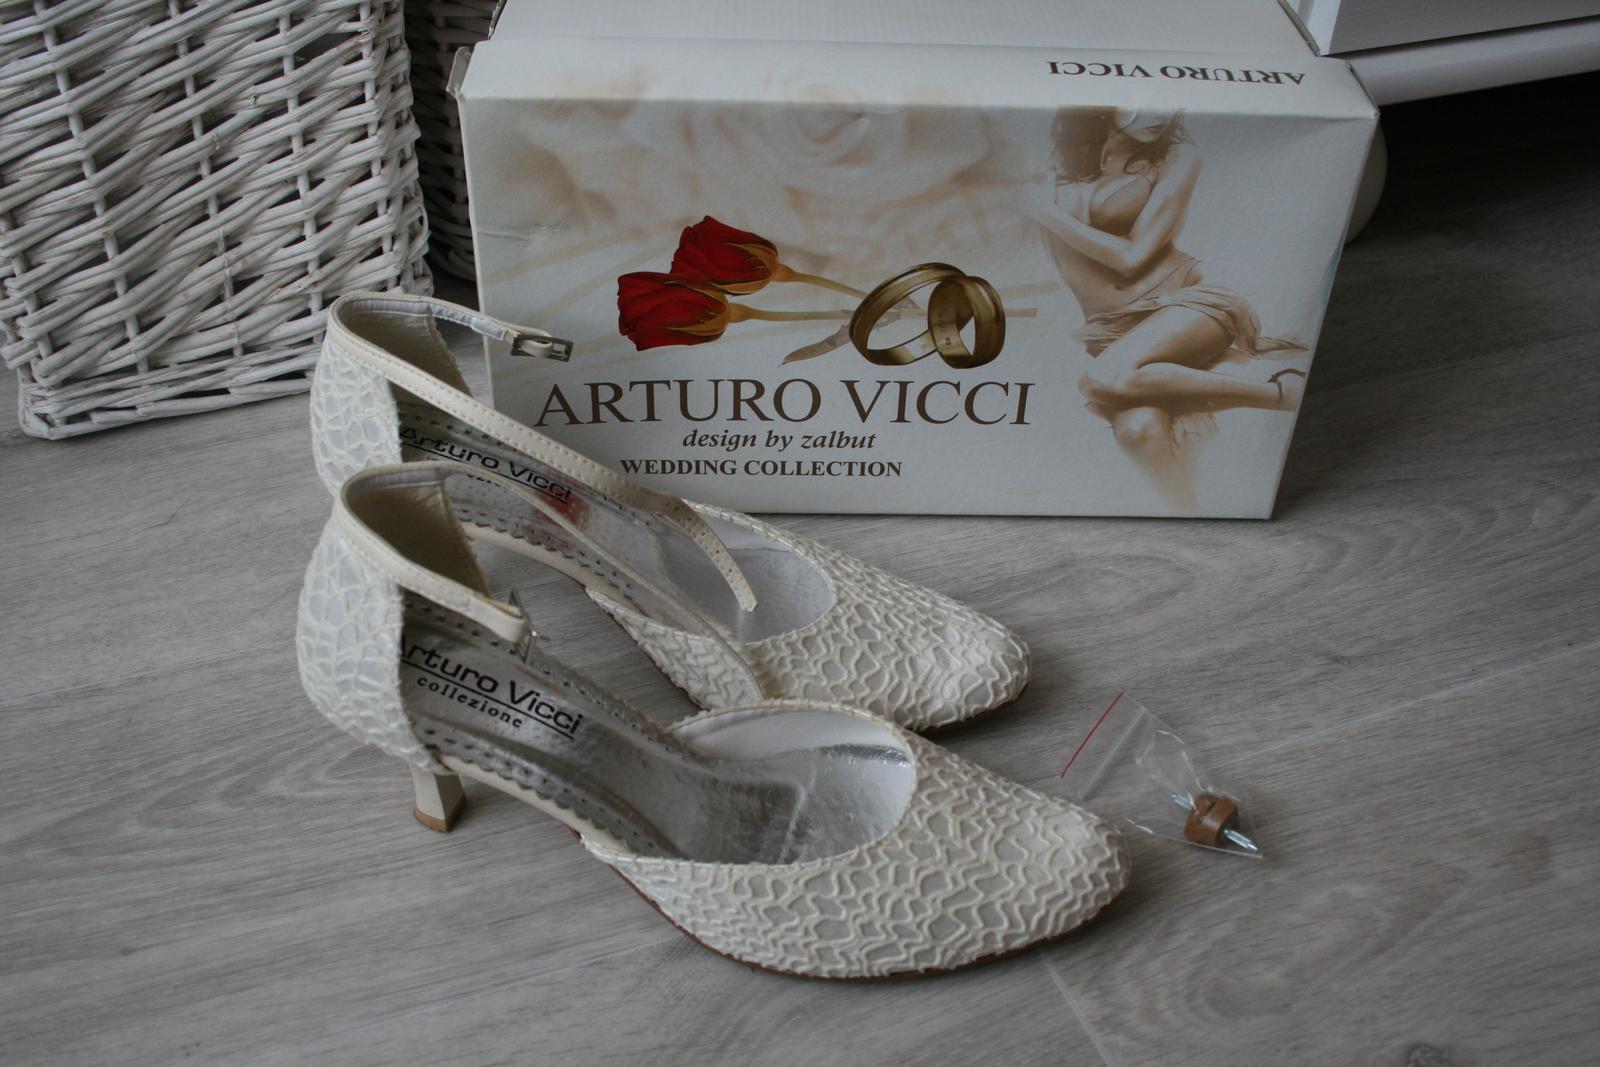 Pohodlné svatební boty arturo vicci 5e25694eac